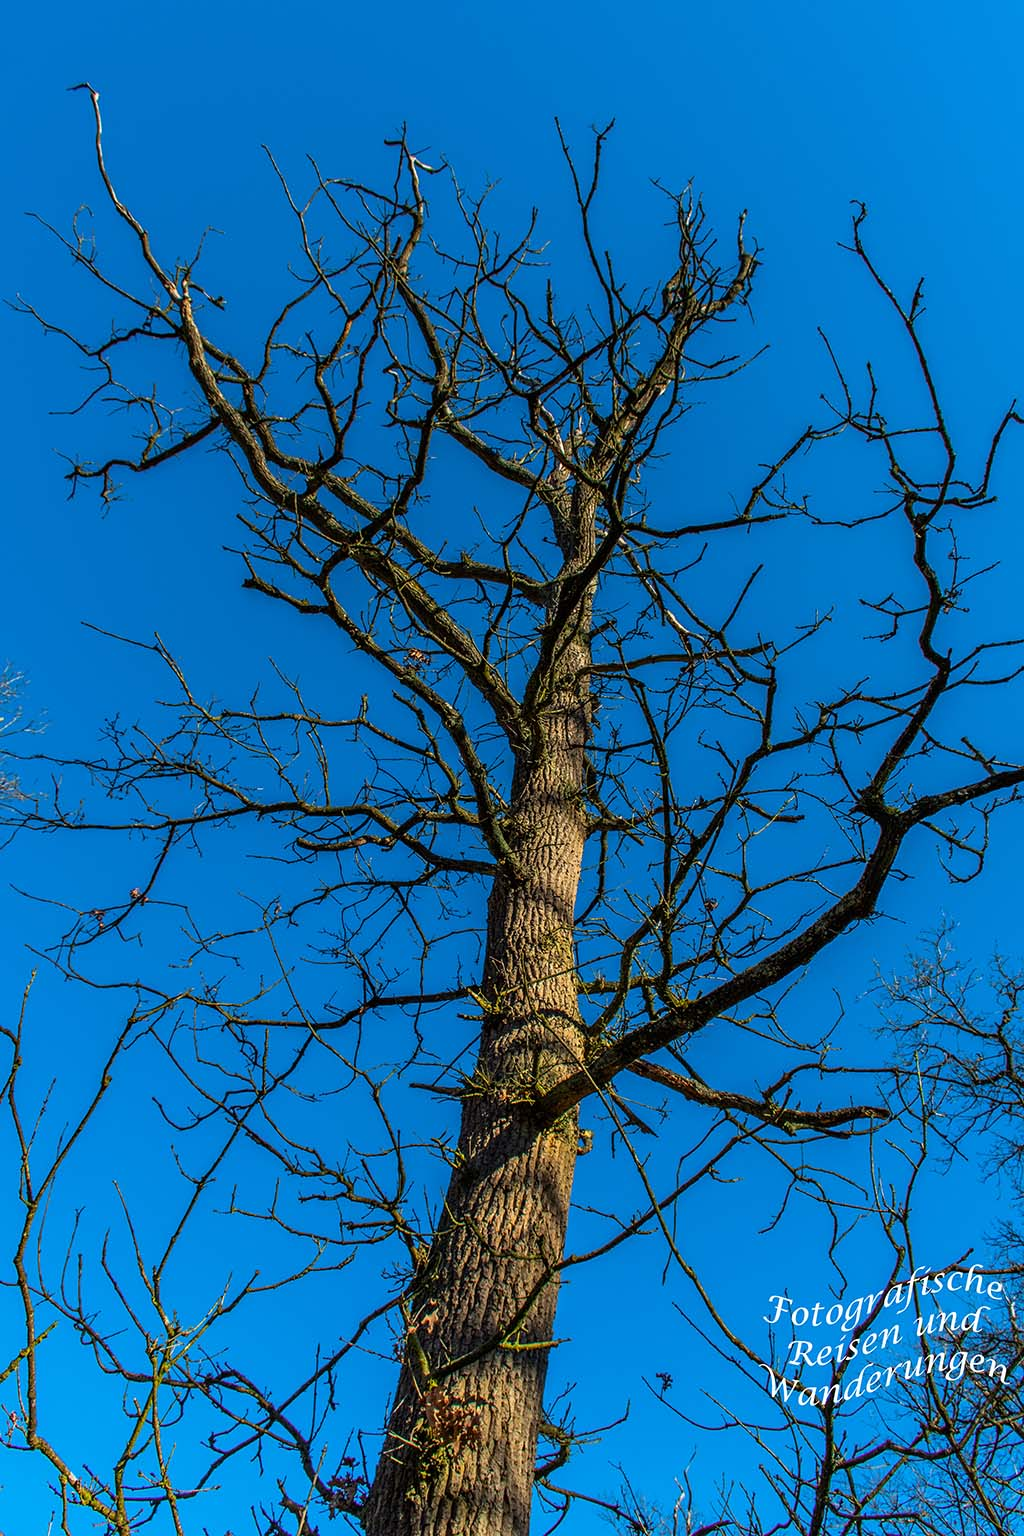 Kahle Zweige ragen in den blauen Himmel - Wandertipp am Niederhein - Diersfordter Wald